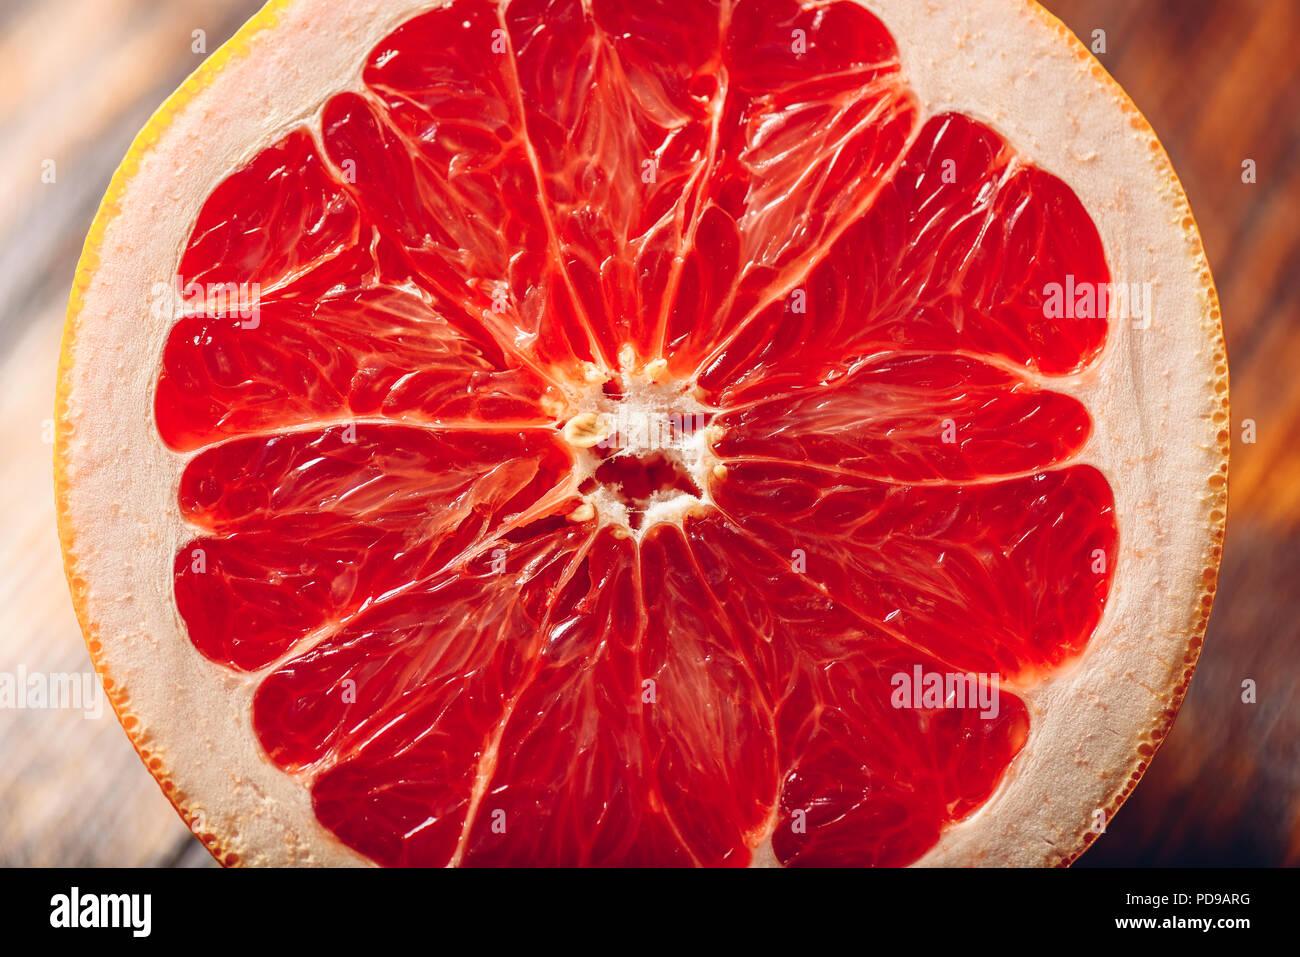 Mitad de maduras y jugosas pomelo sobre mesa de madera. Imagen De Stock